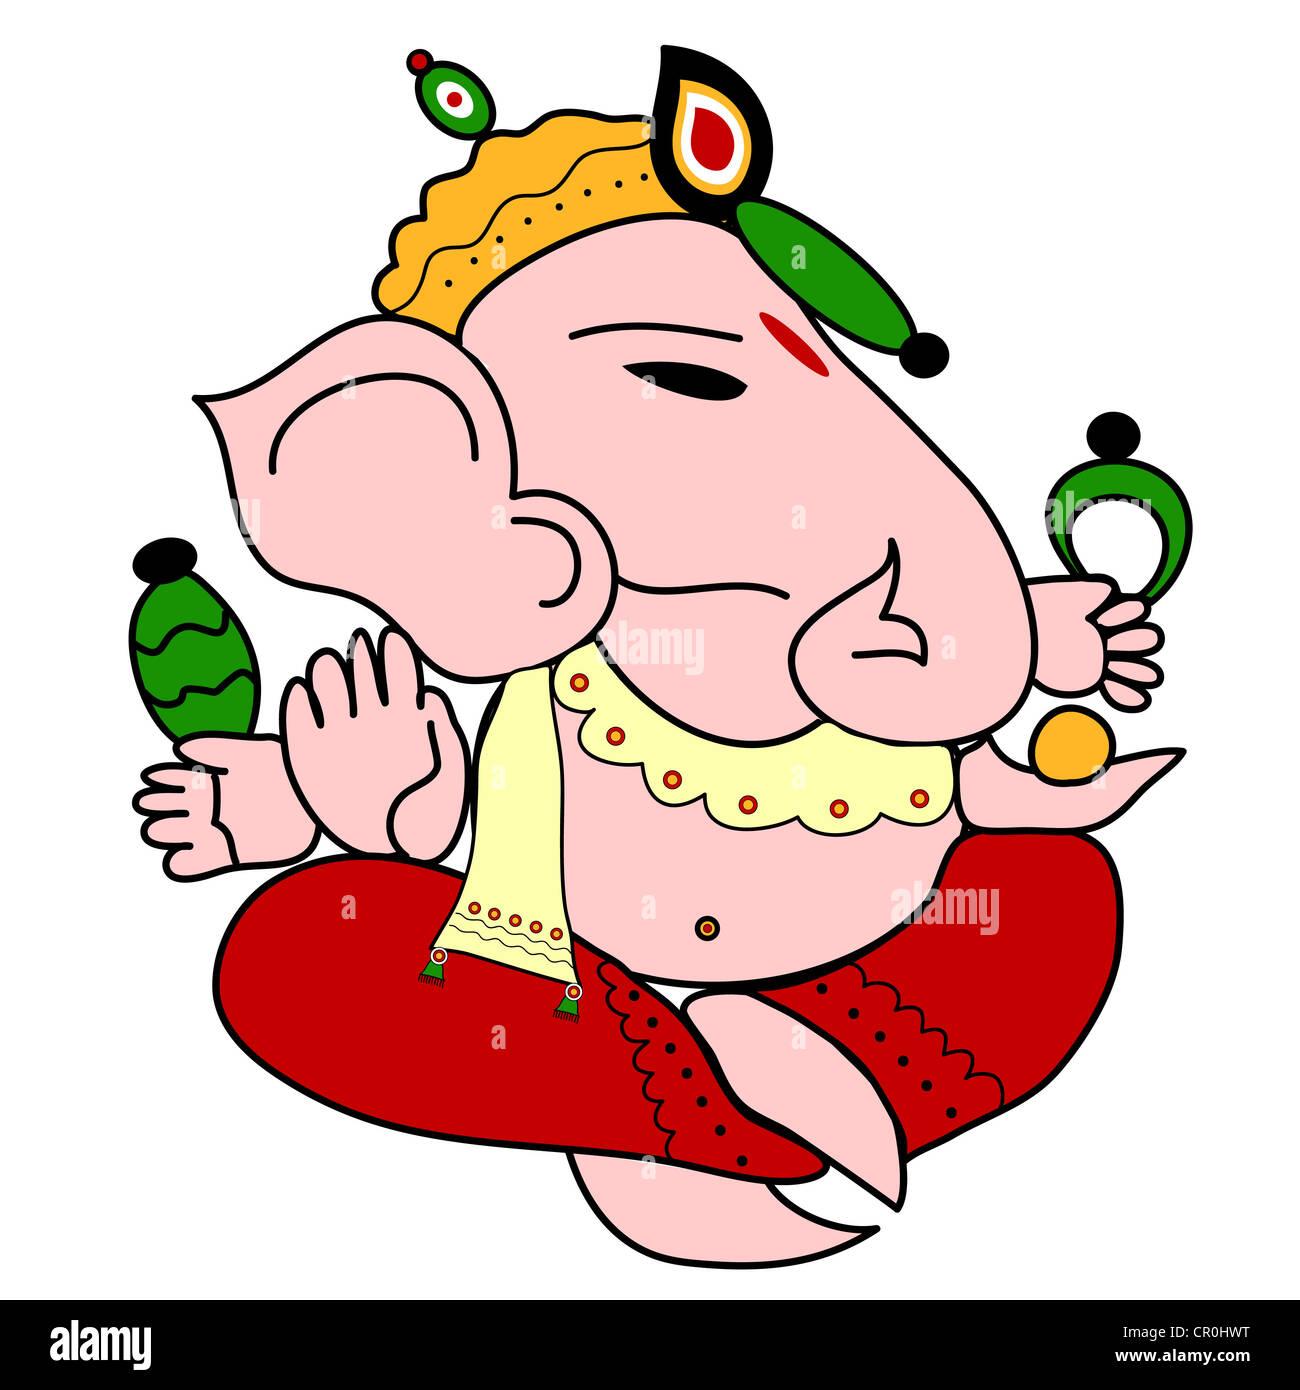 Indian God Ganesha illustration Stock Photo